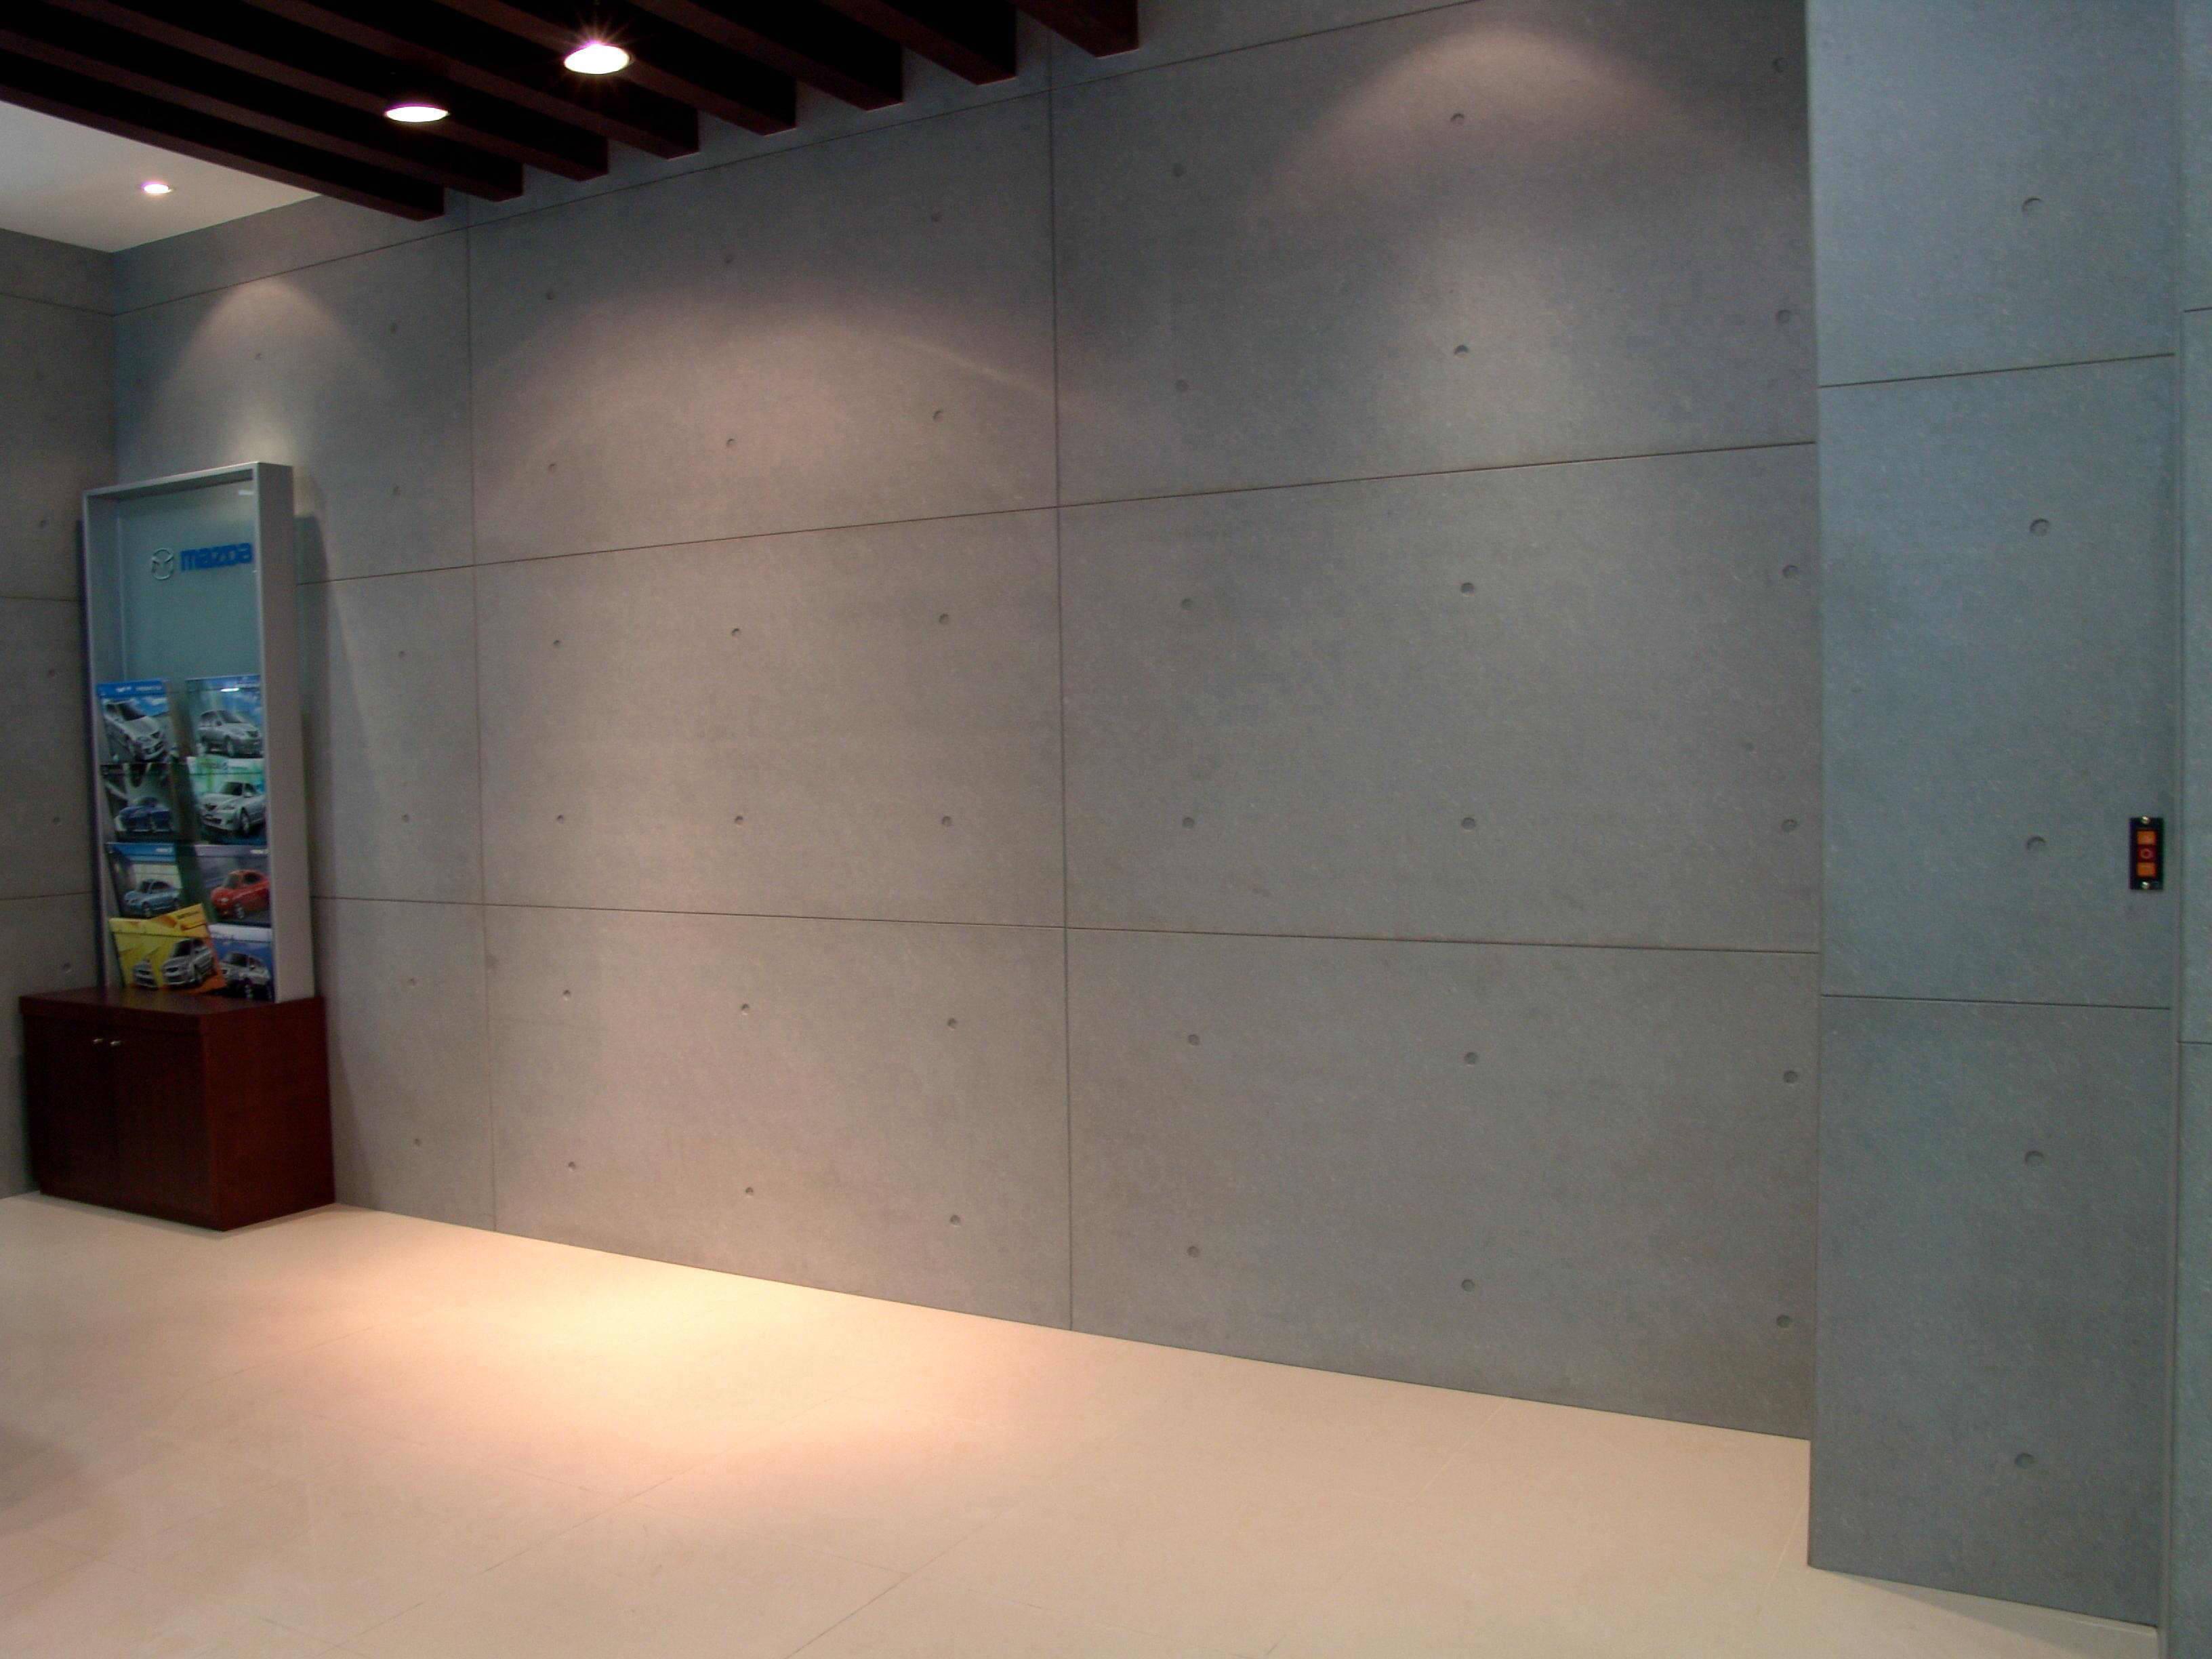 清水效果装饰材料:斯麦尔木丝水泥板;清水混凝土板 Smk木丝水泥板 九正建材网